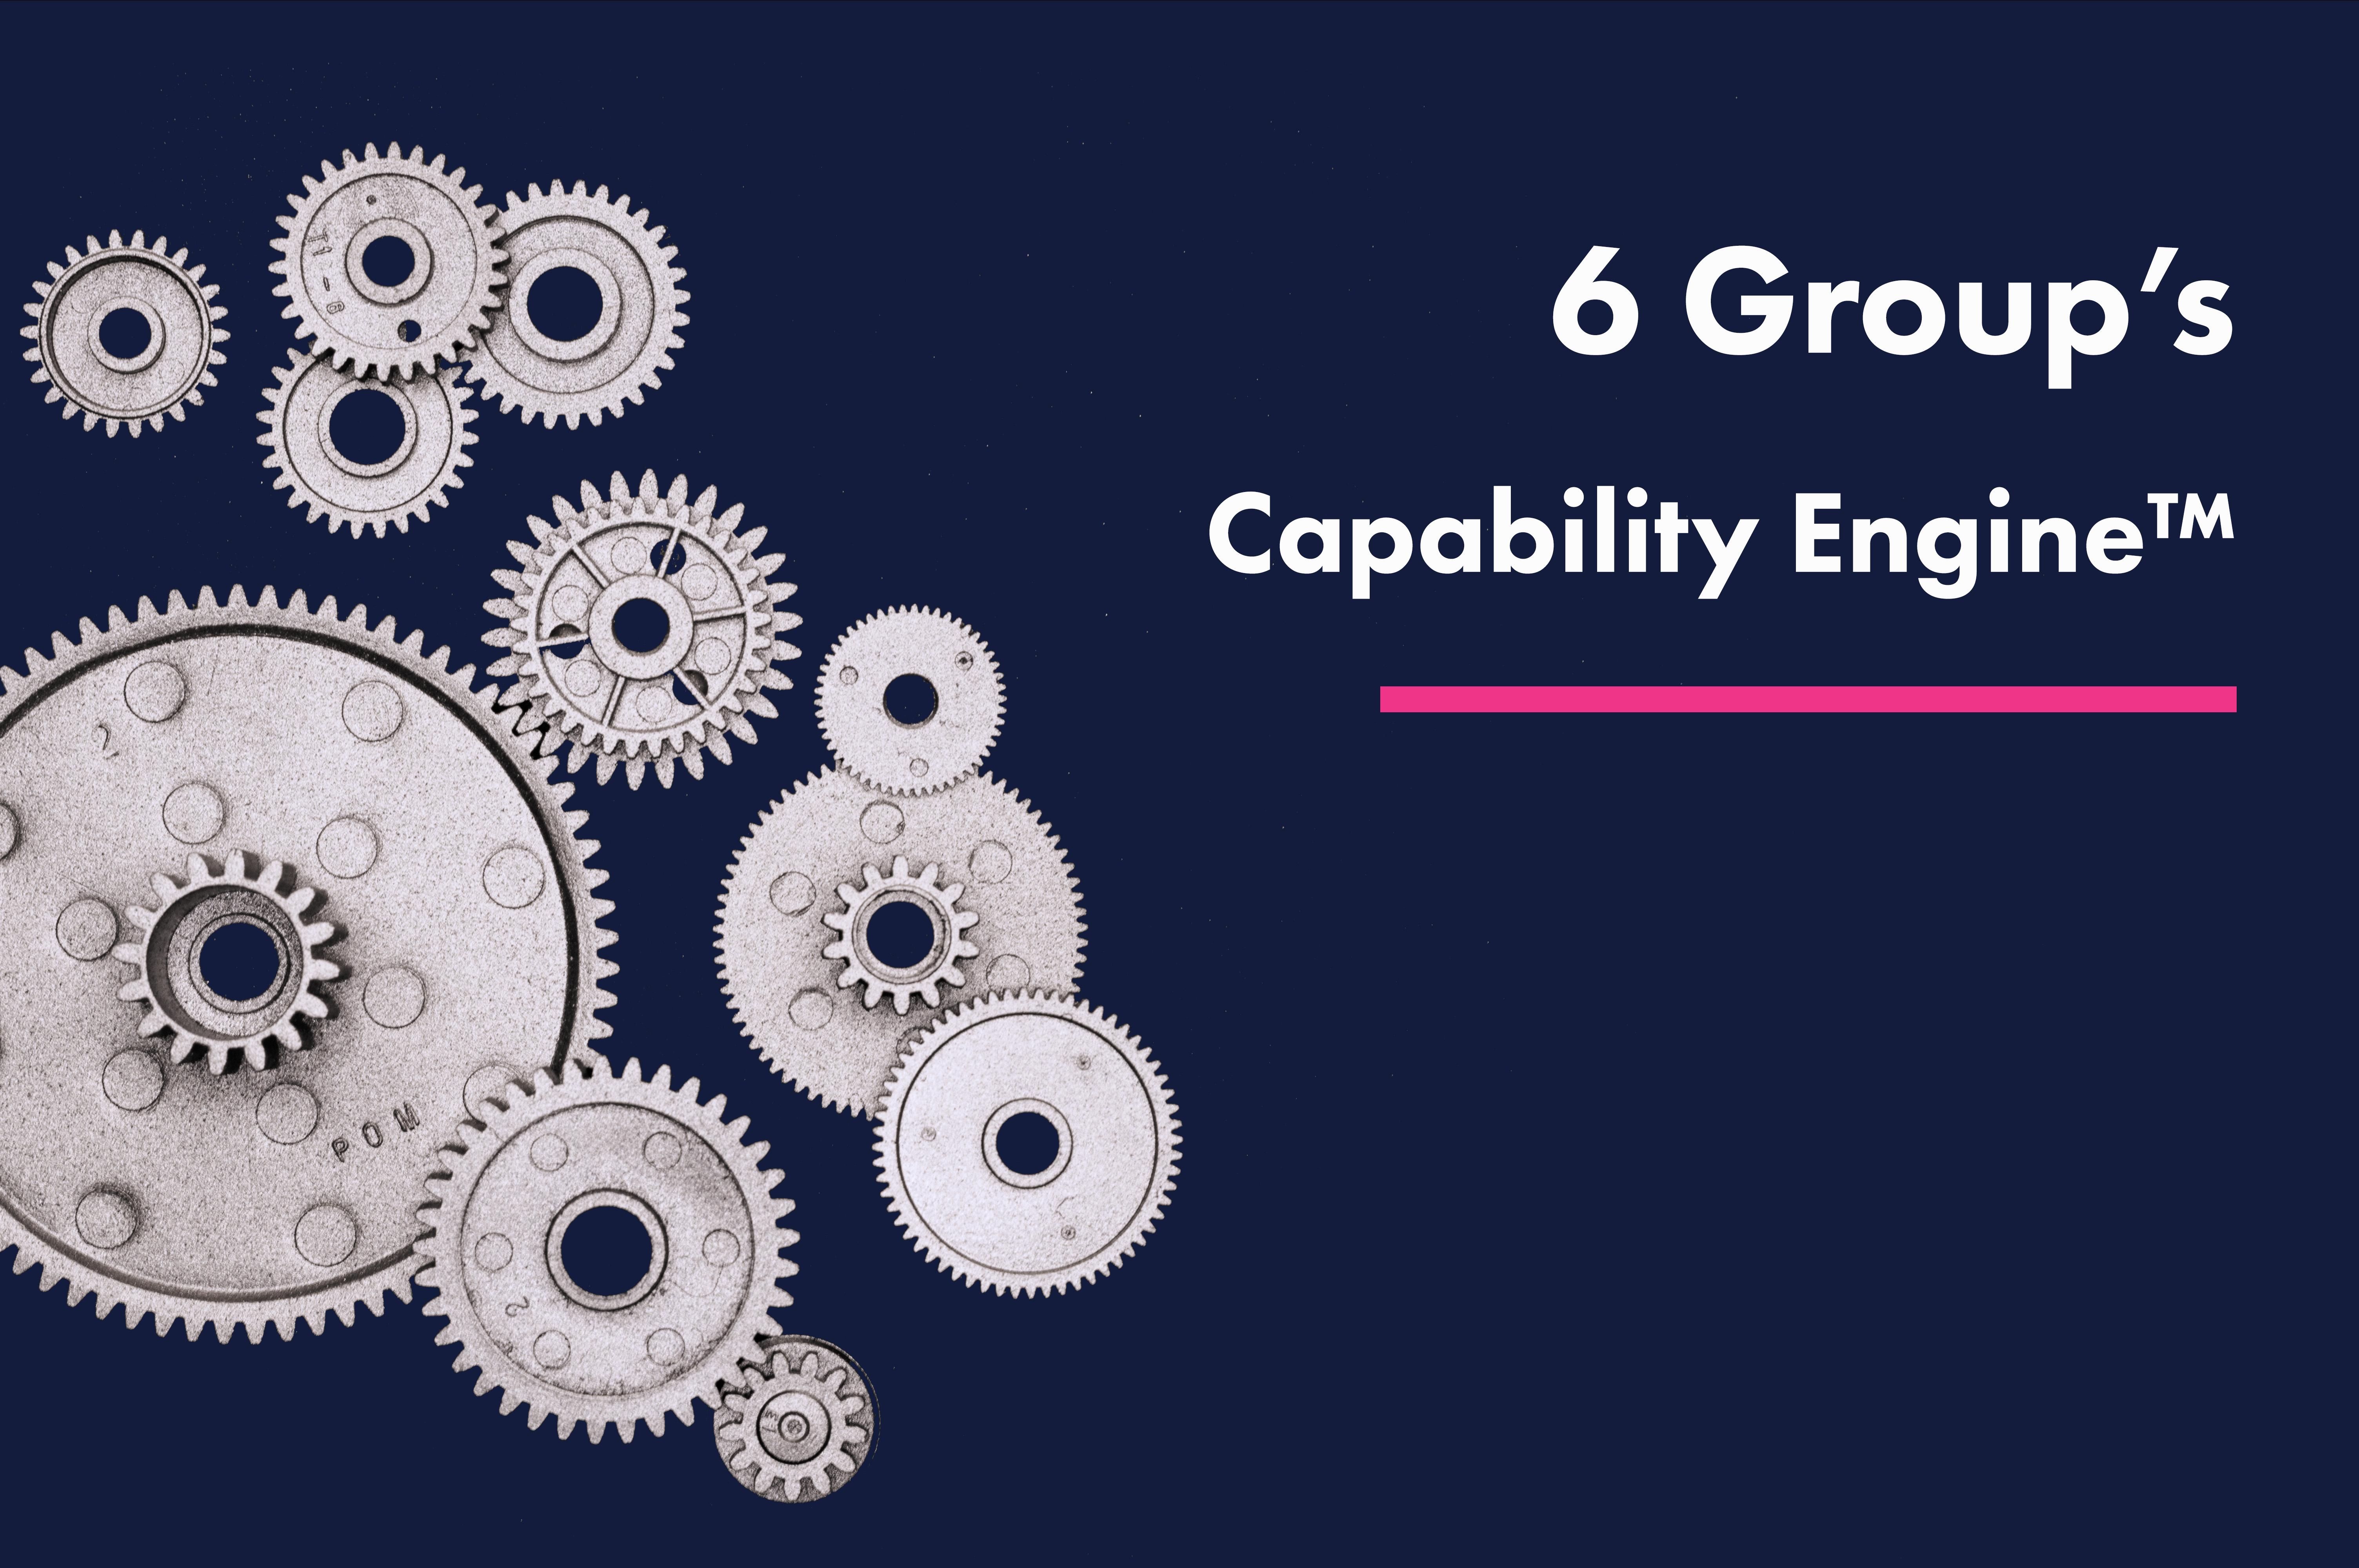 Capability Engine